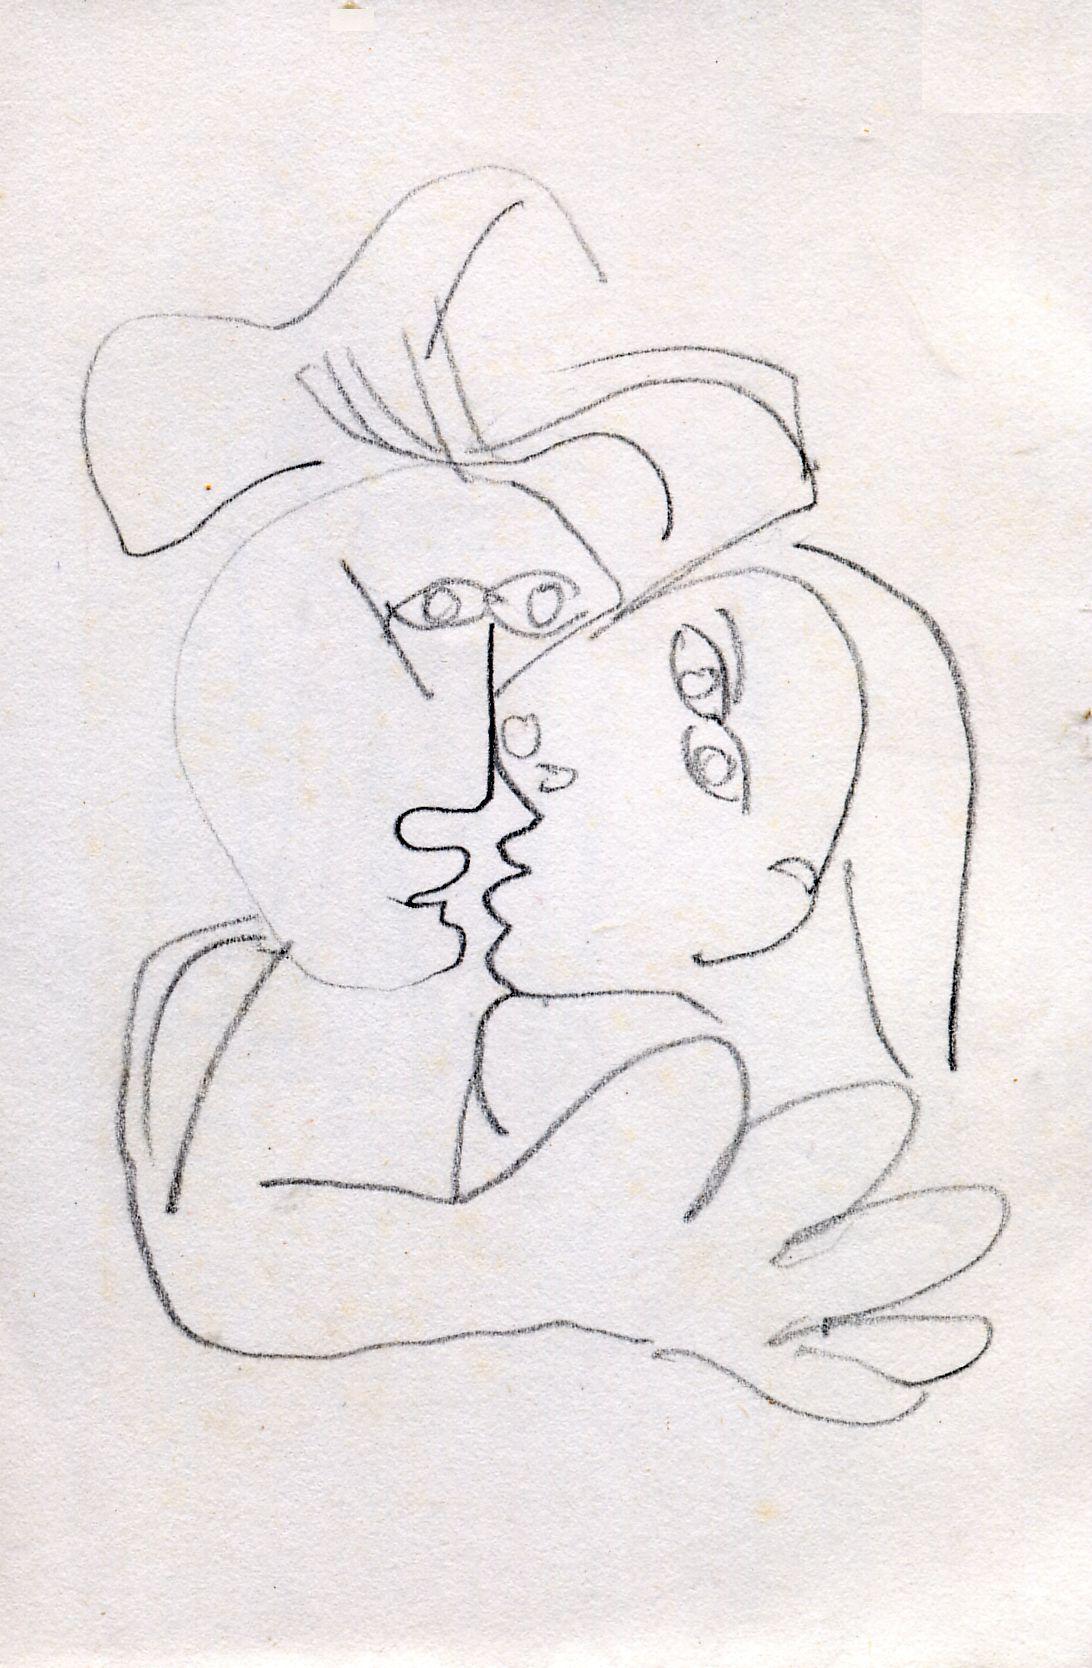 dessin ReChab d'après Picasso - le baiser